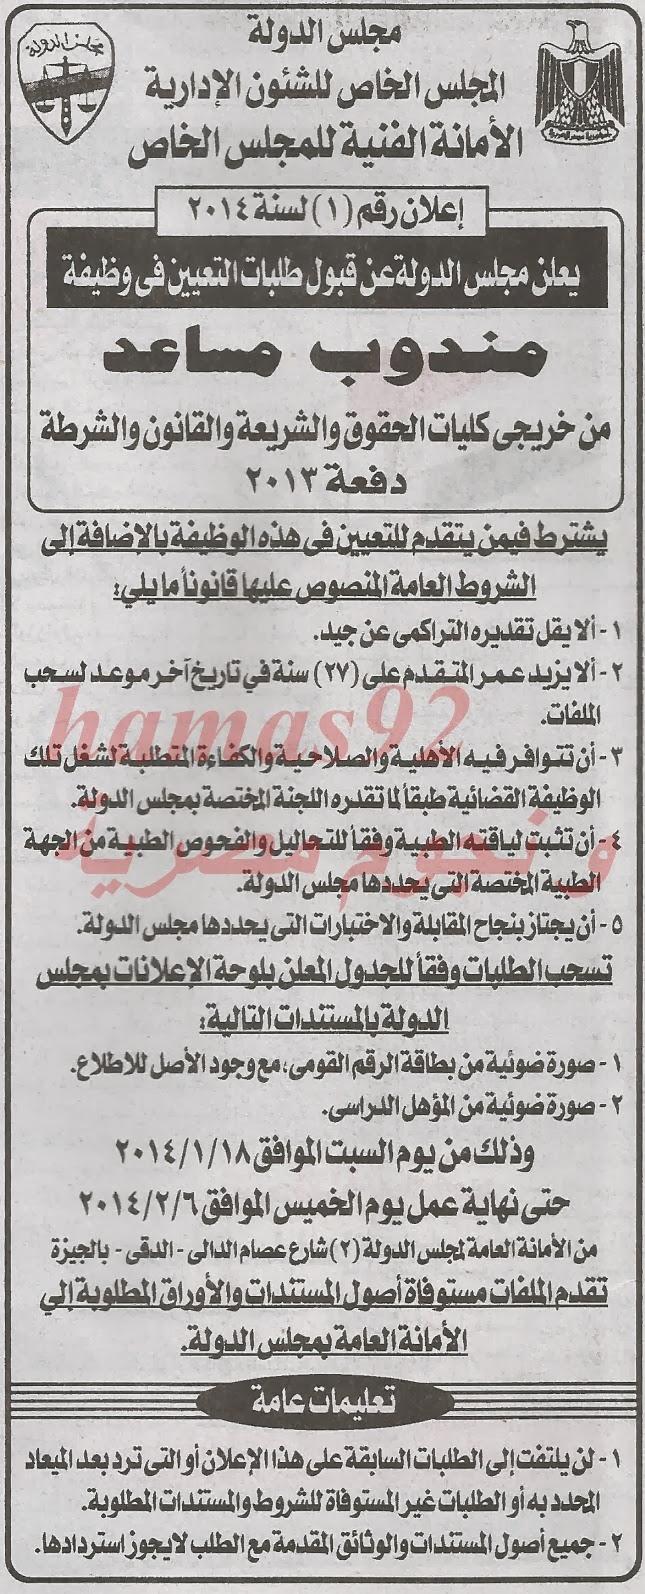 وظائف جريدة الاخبار اليوم الخميس 02-01-2013 , وظائف خالية اليوم 2 يناير 2014